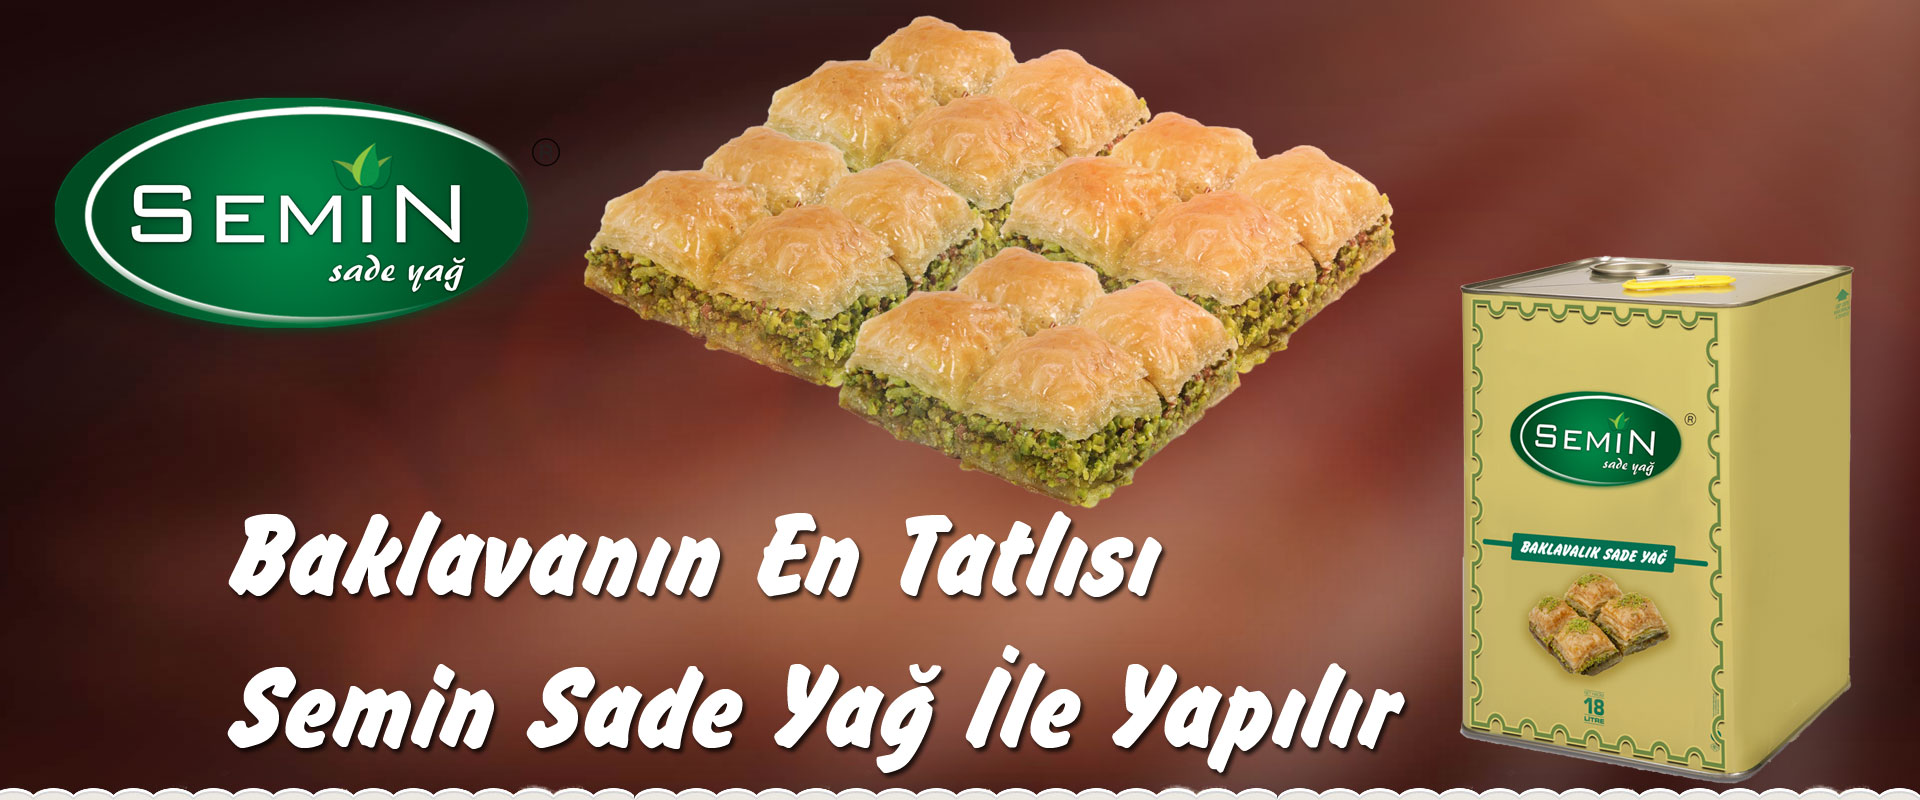 sade-yag-anasayfa-slide-101